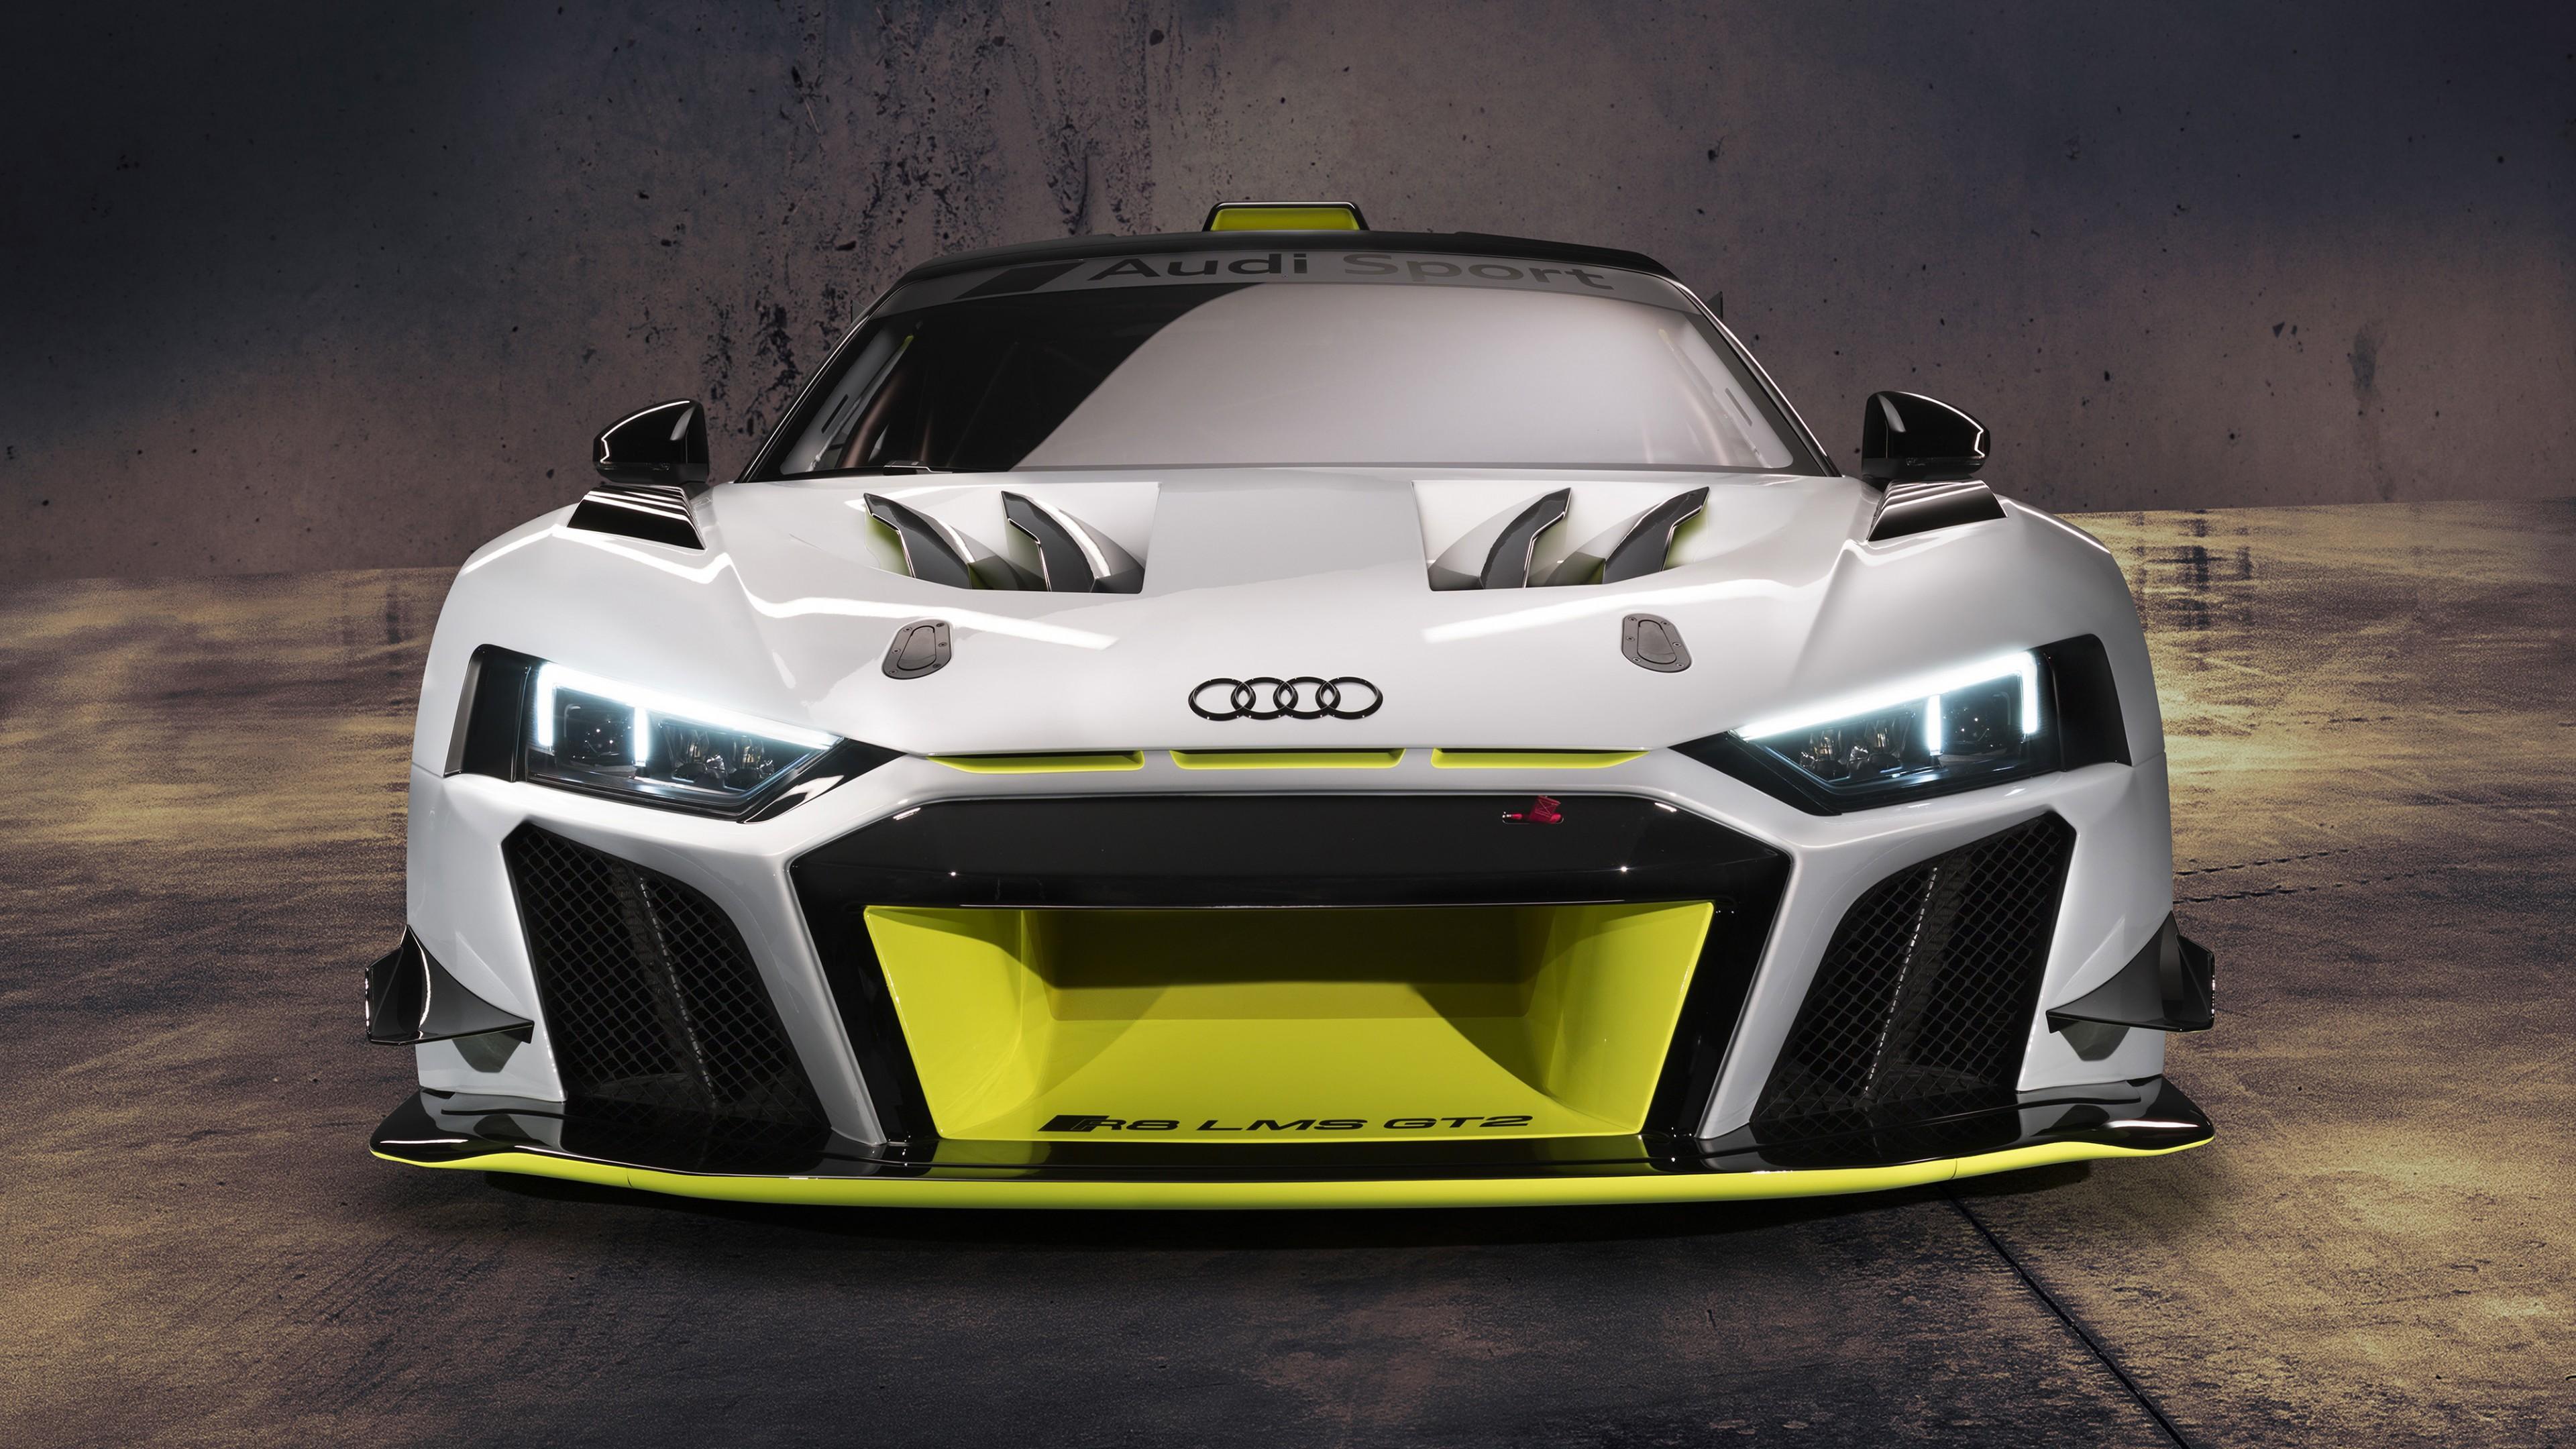 Audi R8 Lms Gt2 2019 4k Wallpaper Hd Car Wallpapers Id 12866